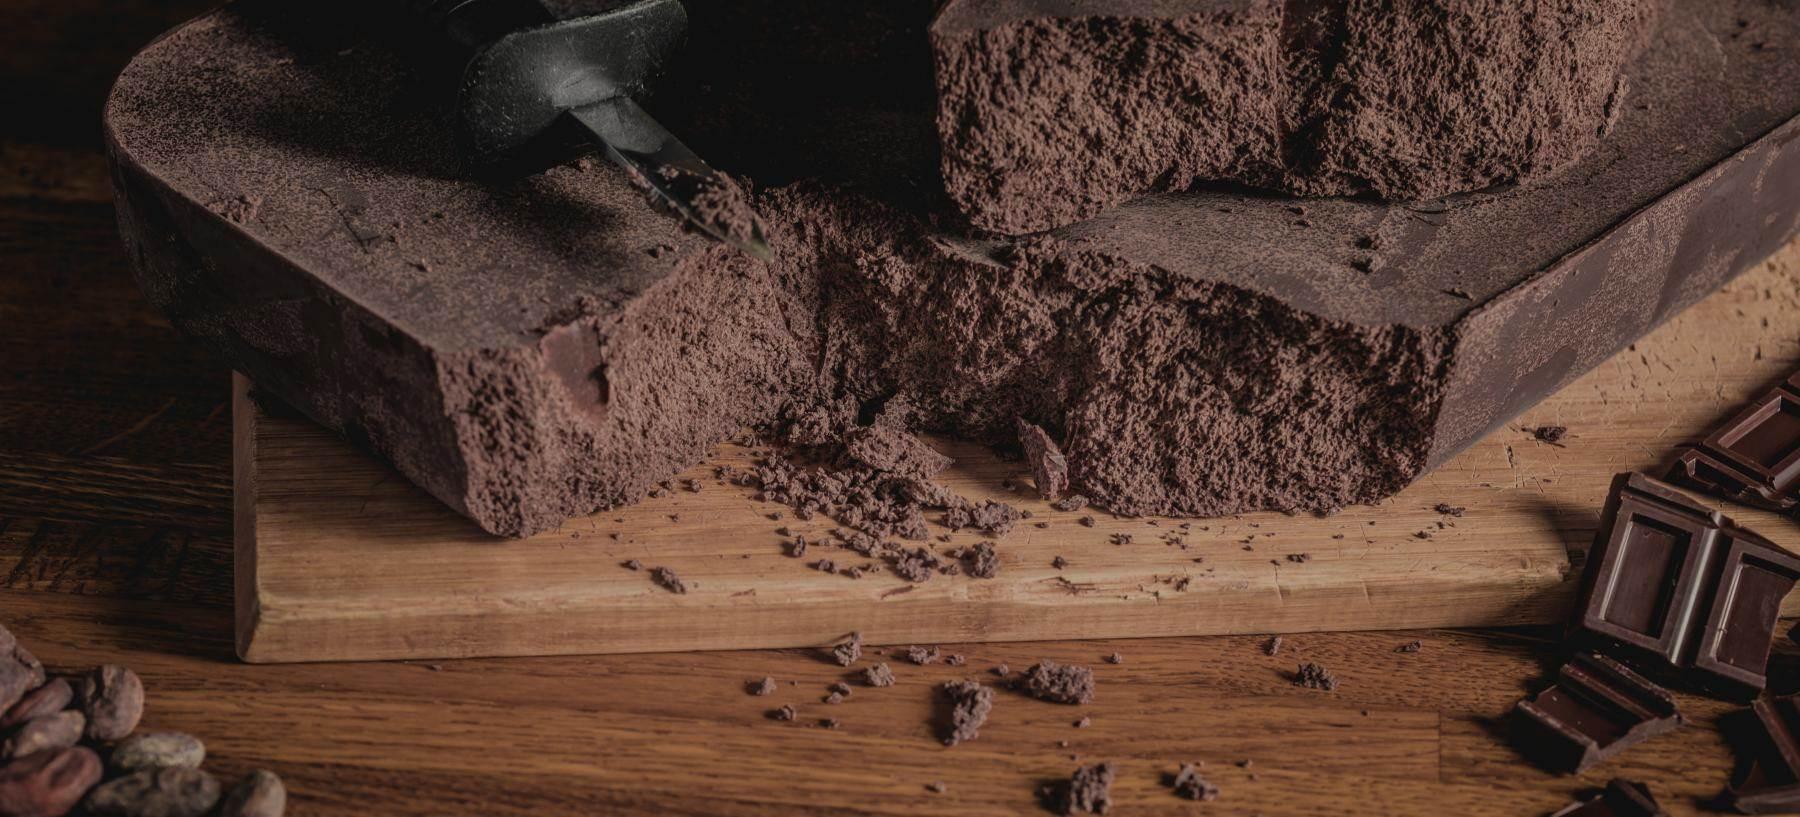 Das Frische Aroma von neuer Schokolade